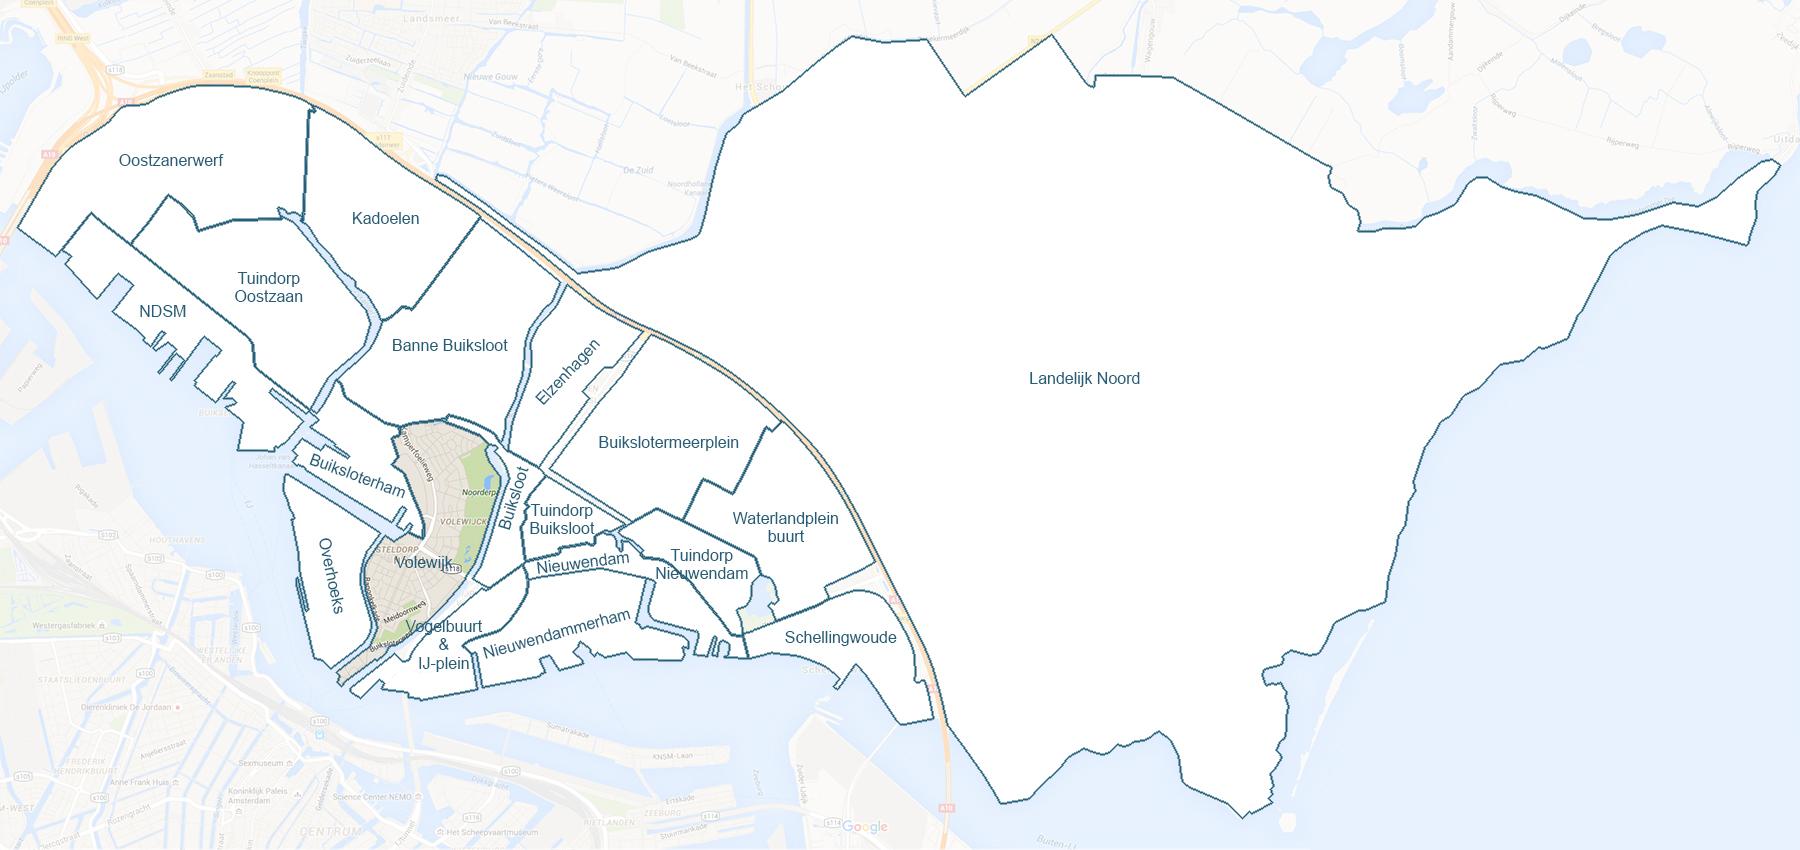 De wijk Volewijck uitgelicht – Design: Ruud Slagboom